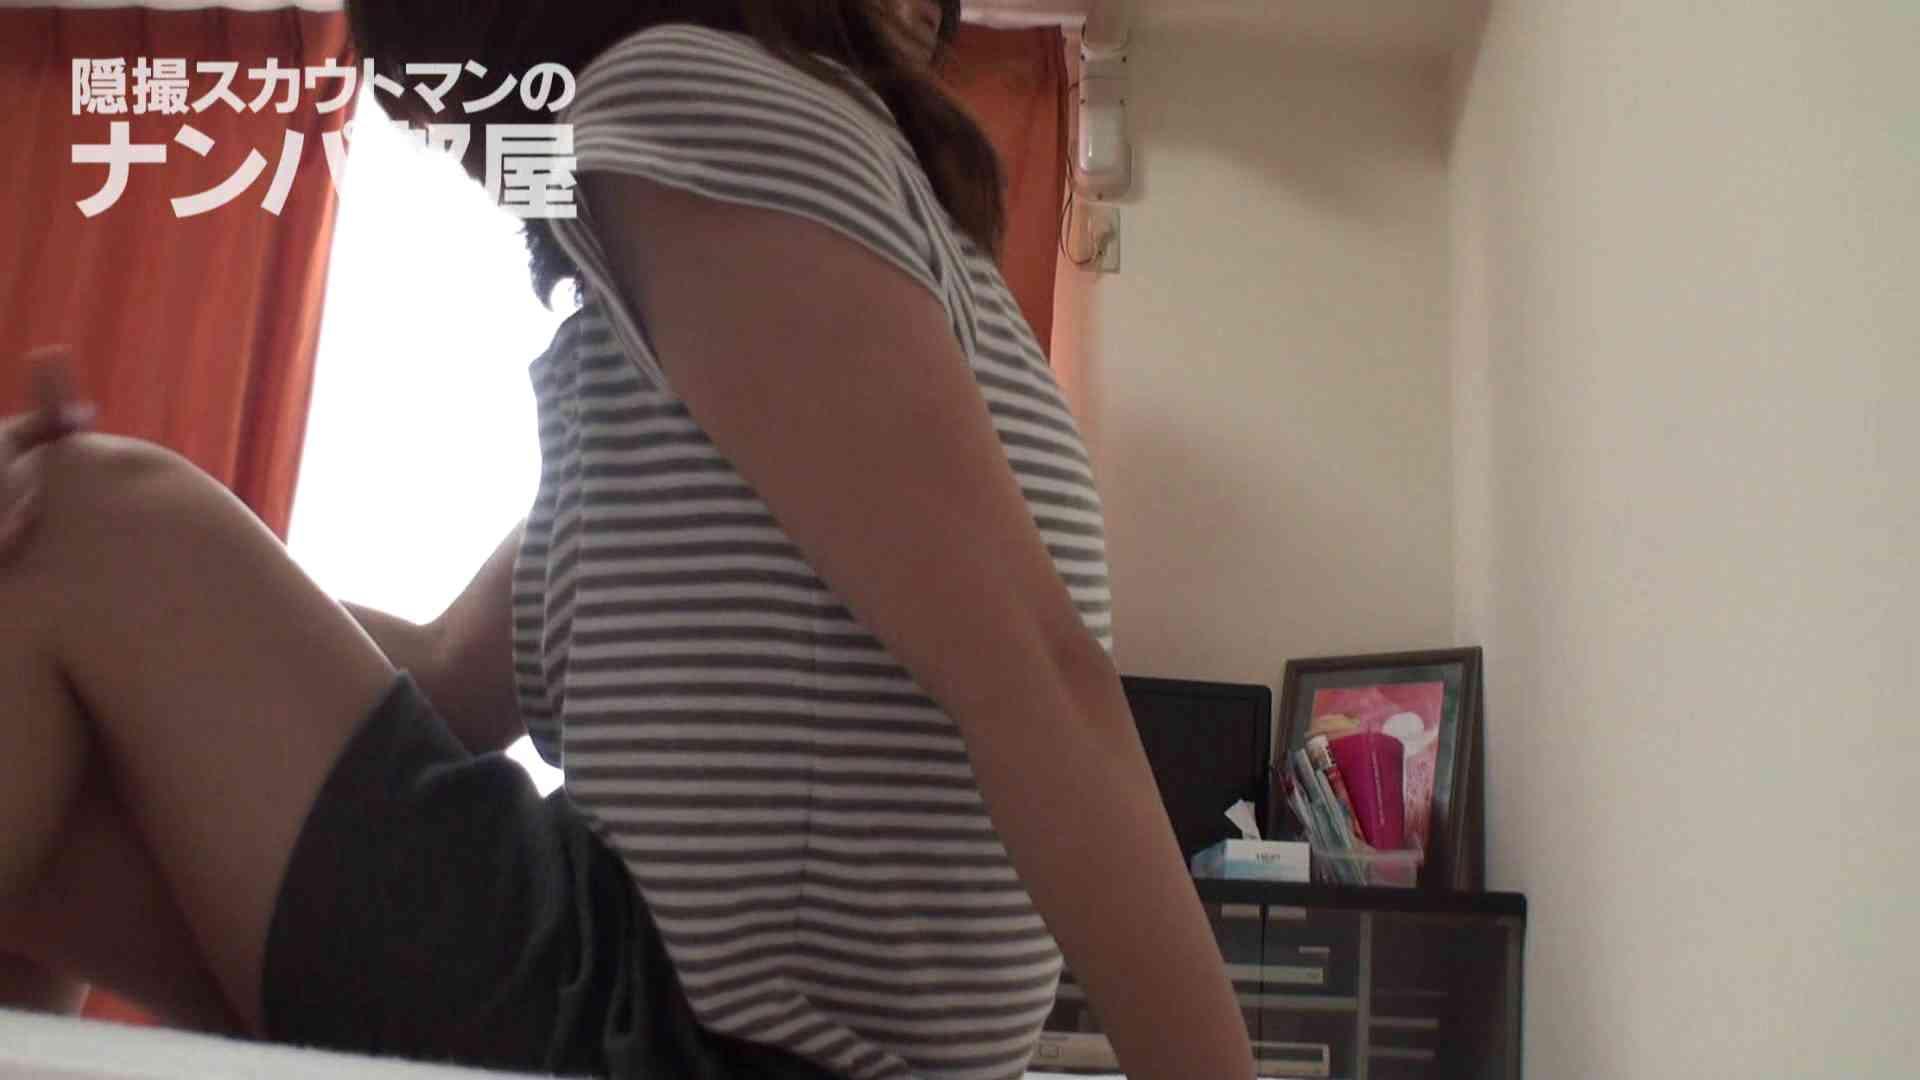 隠撮スカウトマンのナンパ部屋~風俗デビュー前のつまみ食い~ siivol.3 ナンパ  90連発 13